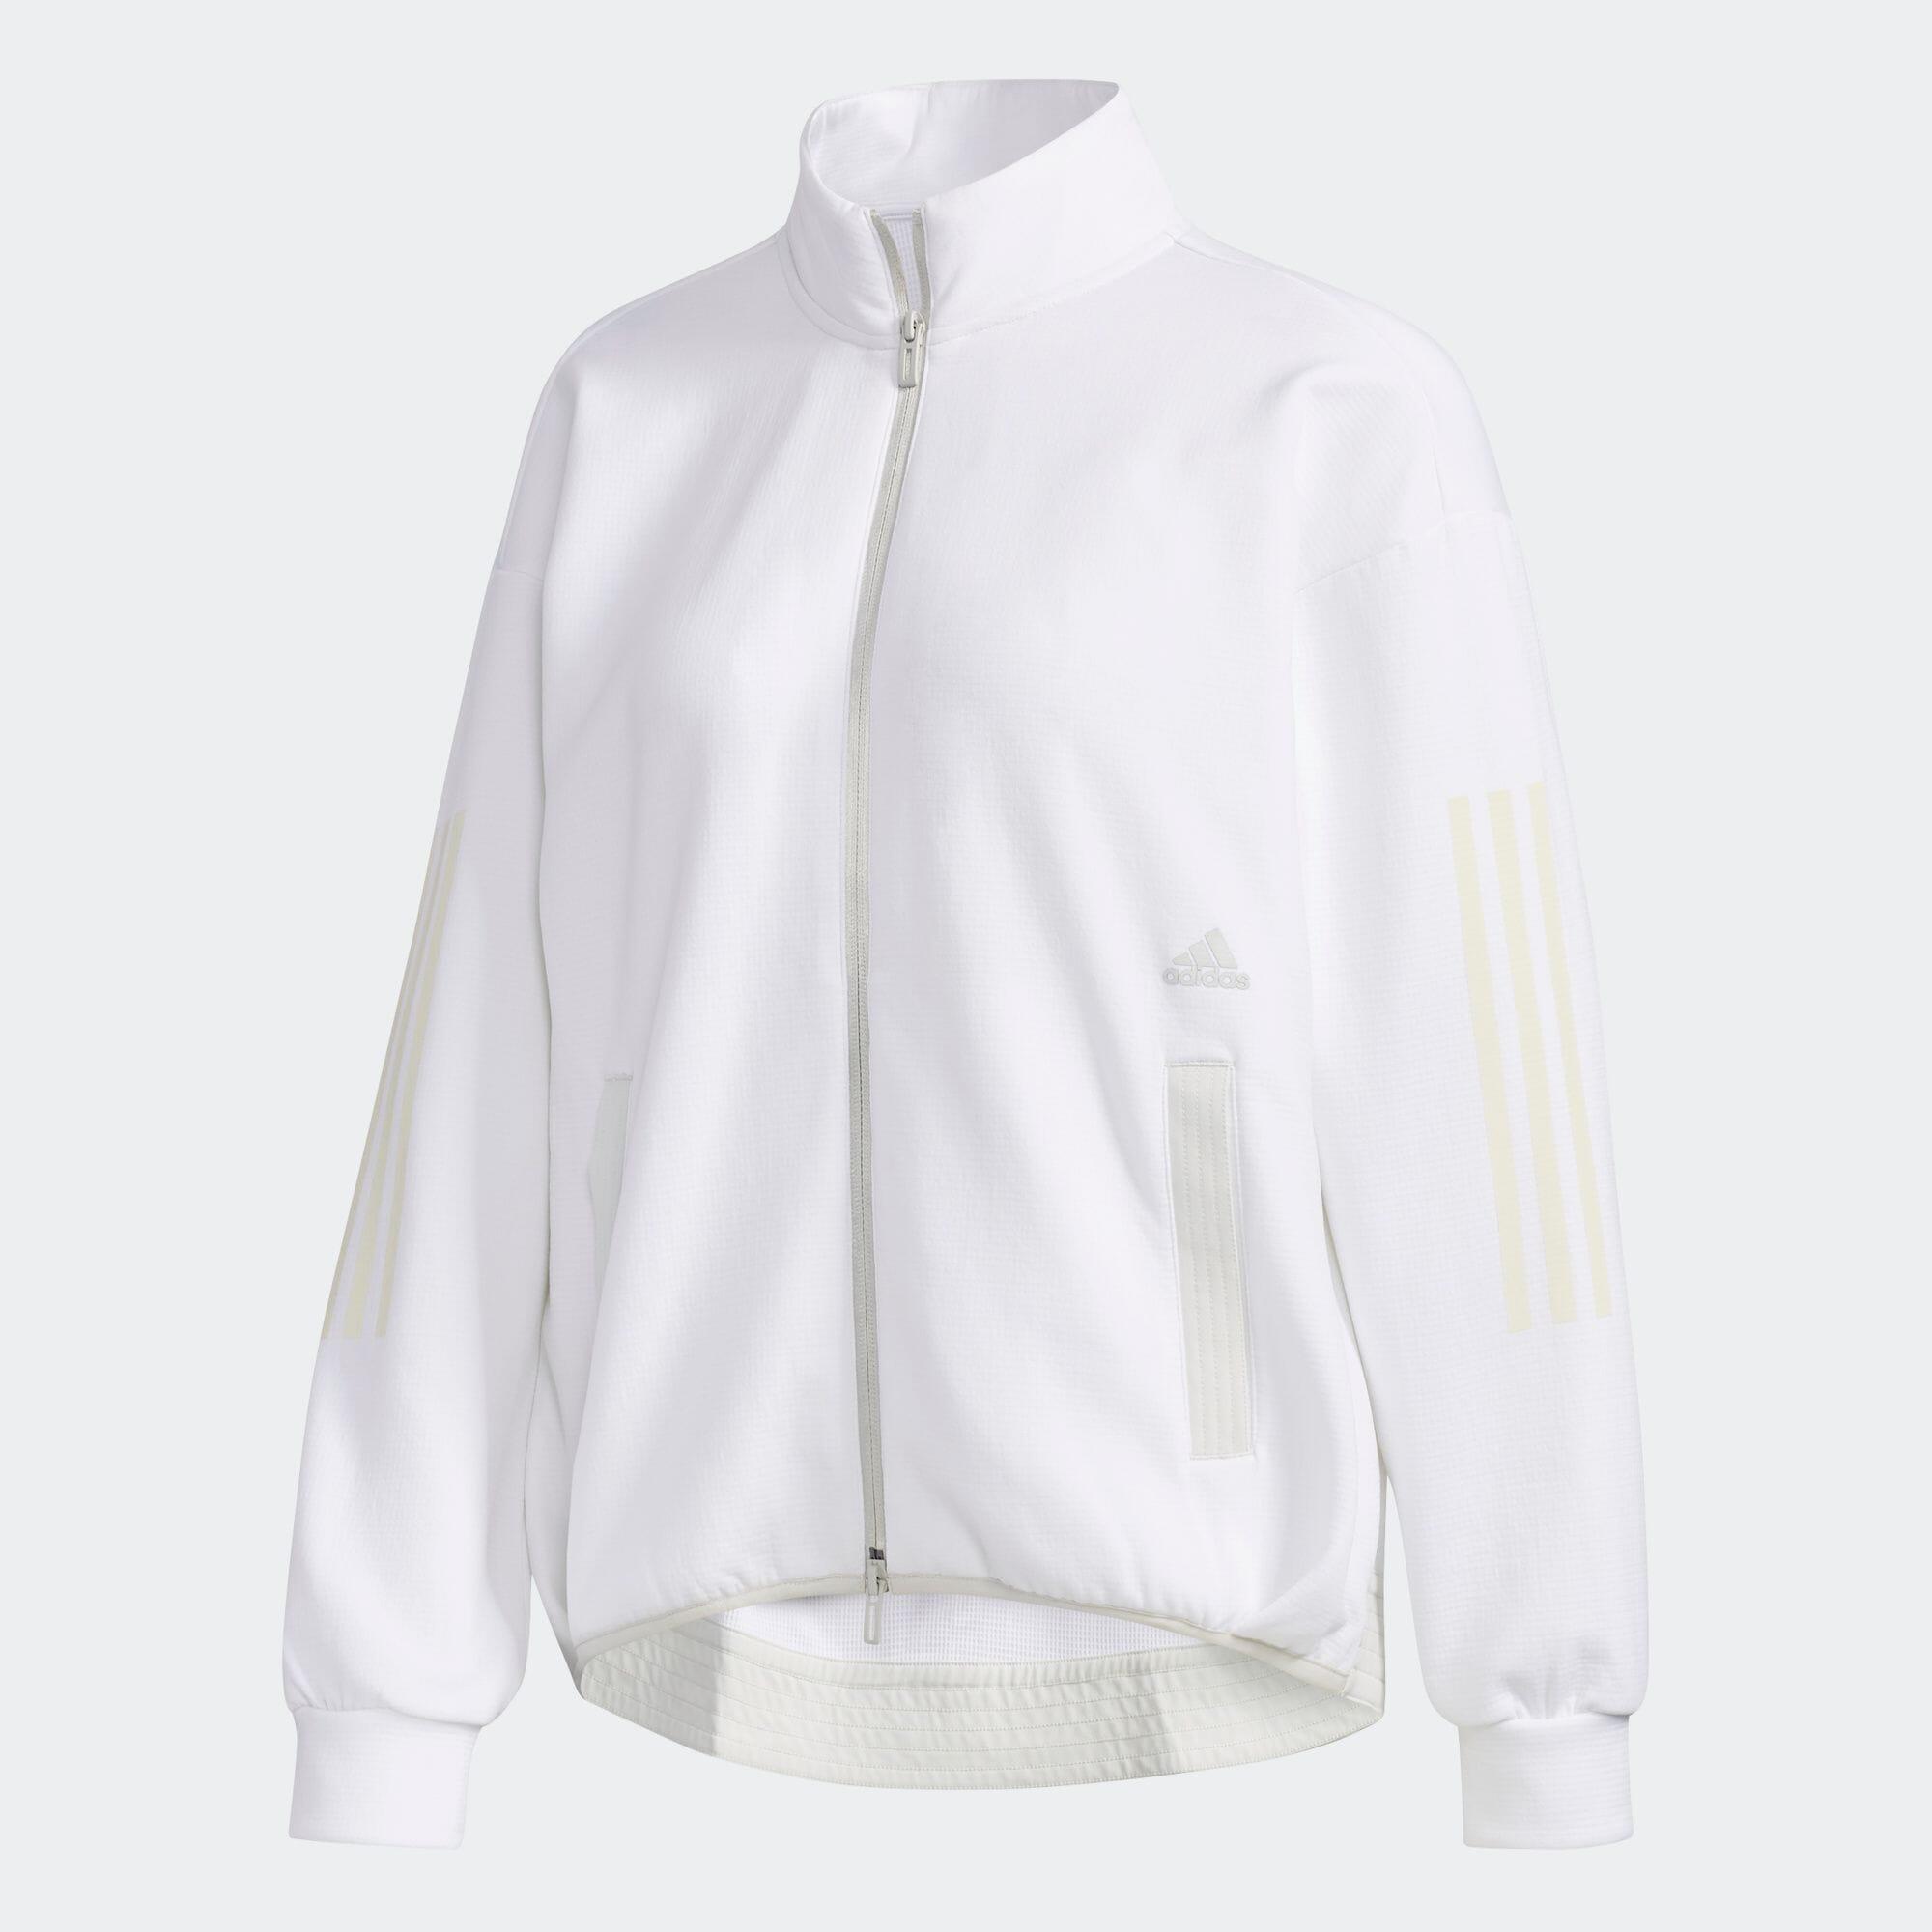 マストハブ ウォームアップ ジャケット / Must Haves Warm-Up Jacket